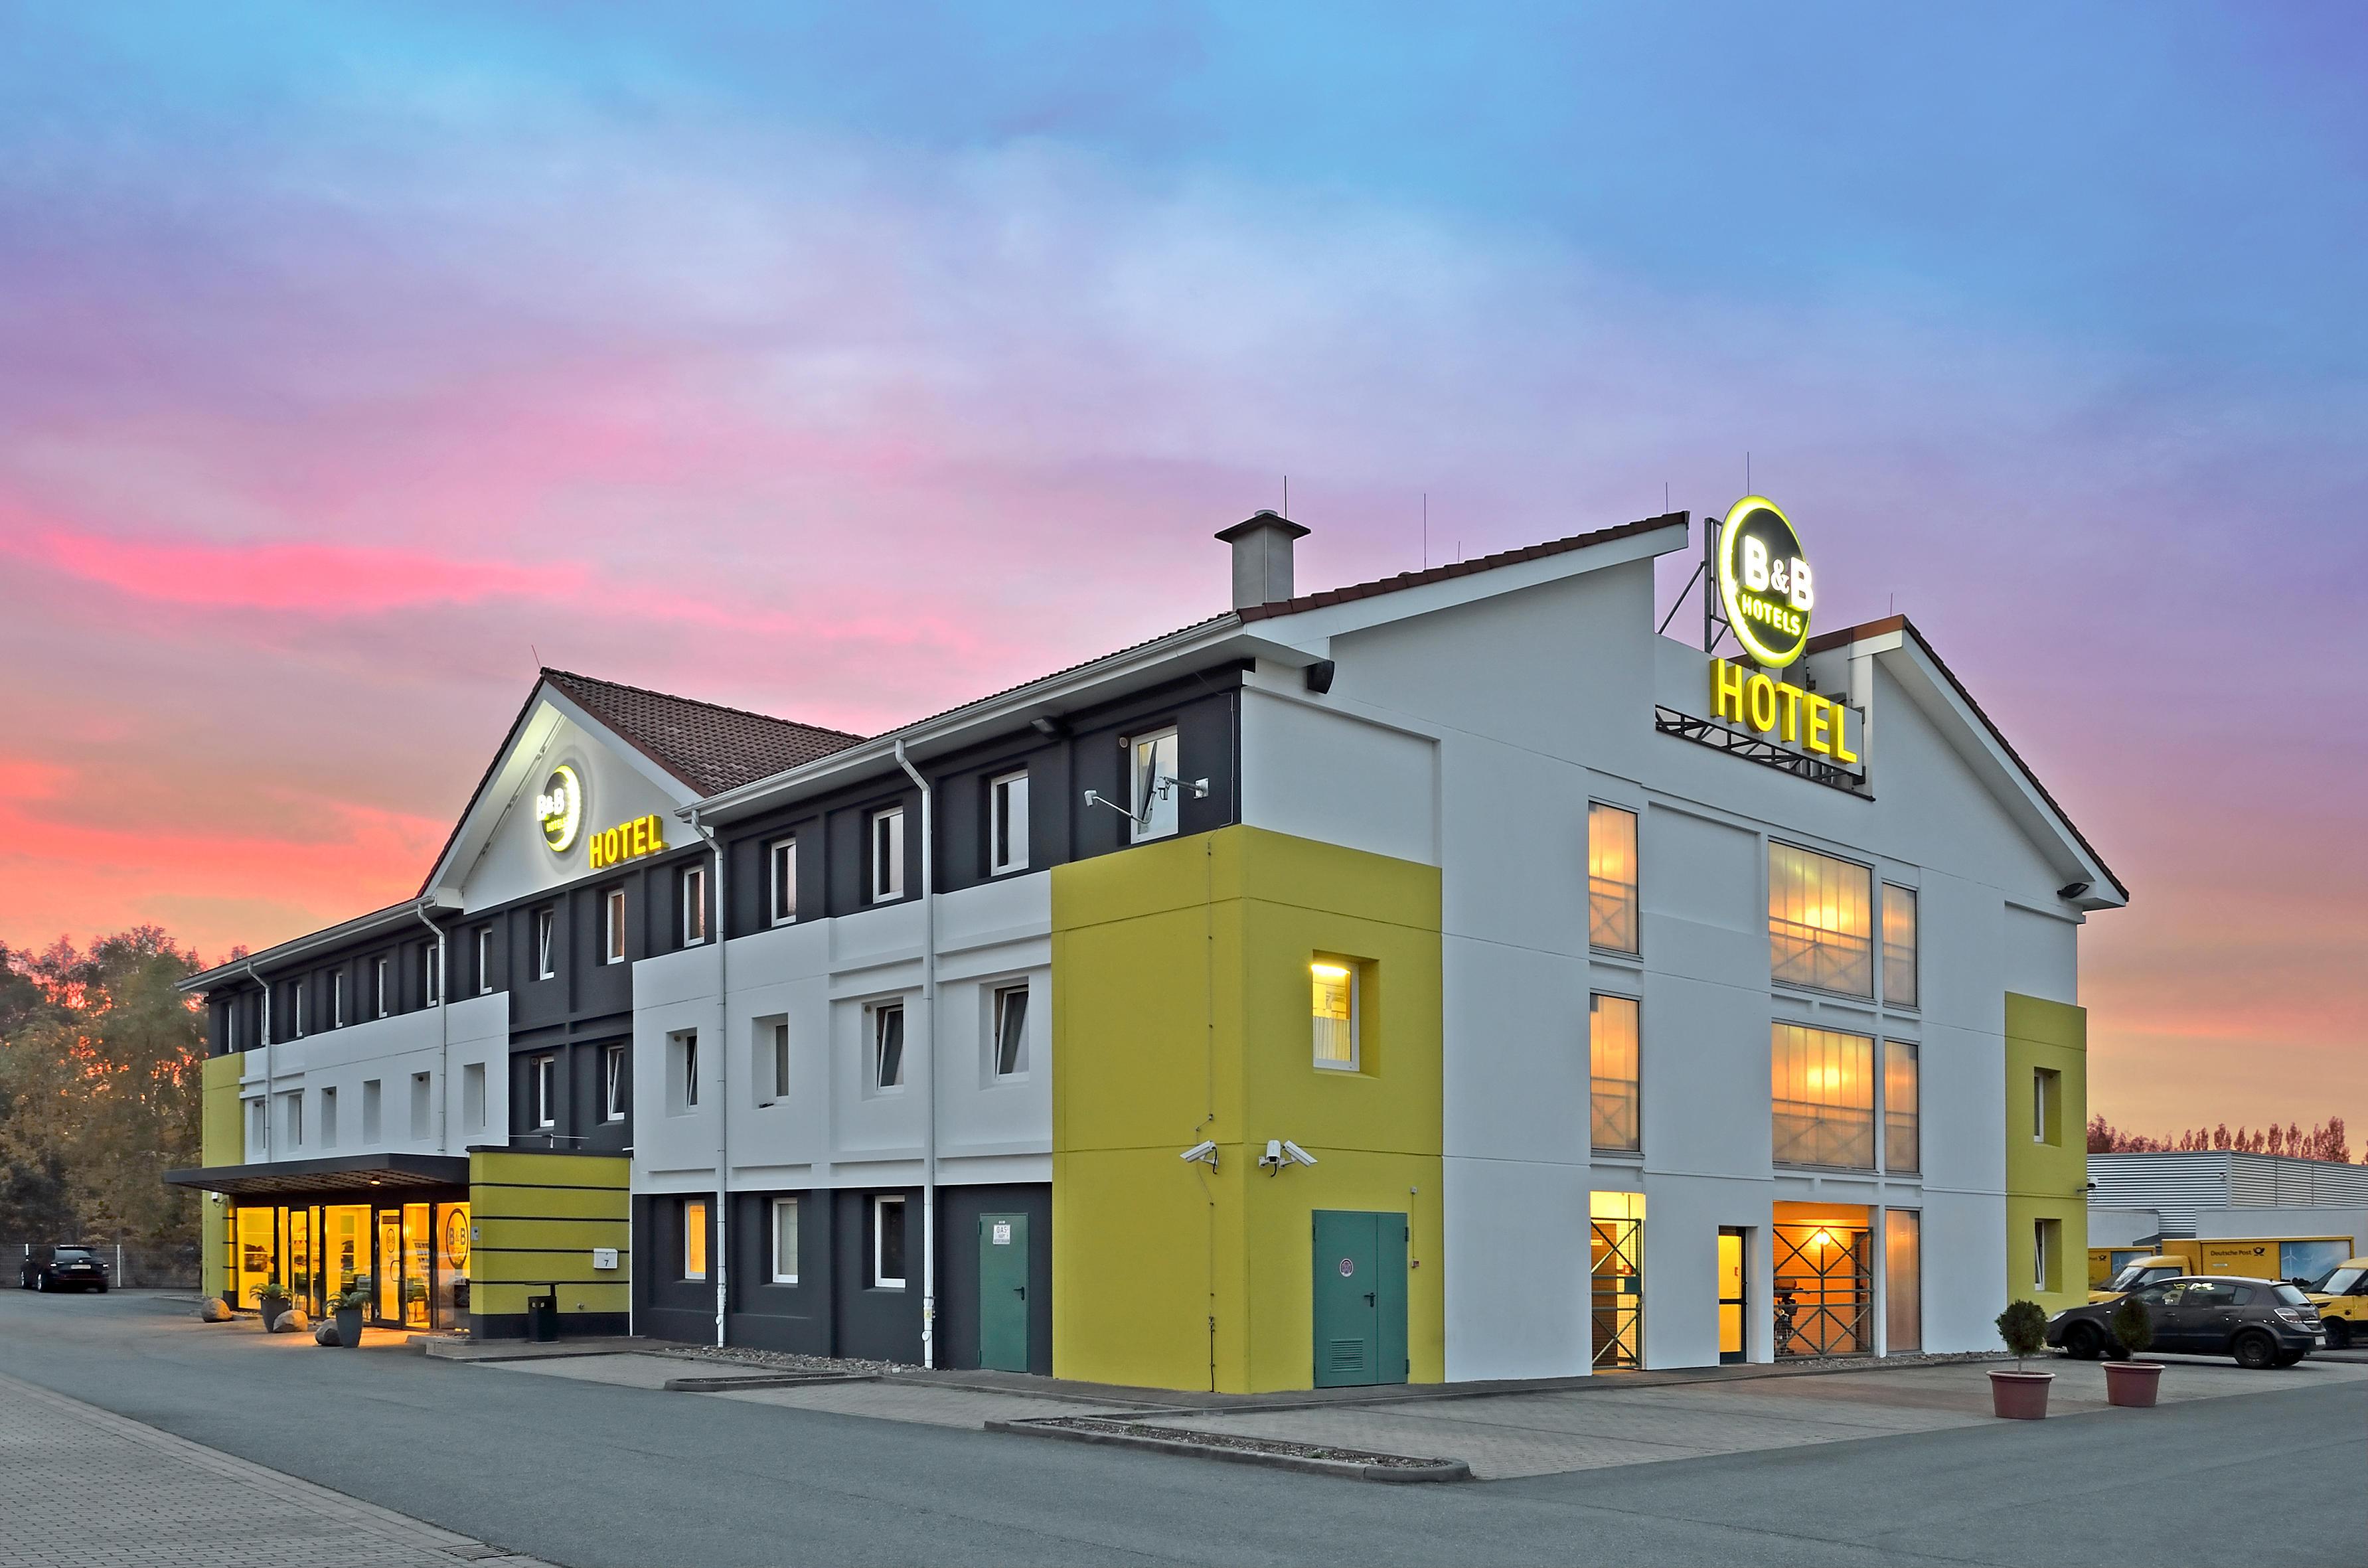 B&B Hotel Hannover-Nord, Rendsburger Straße 7 in Hannover